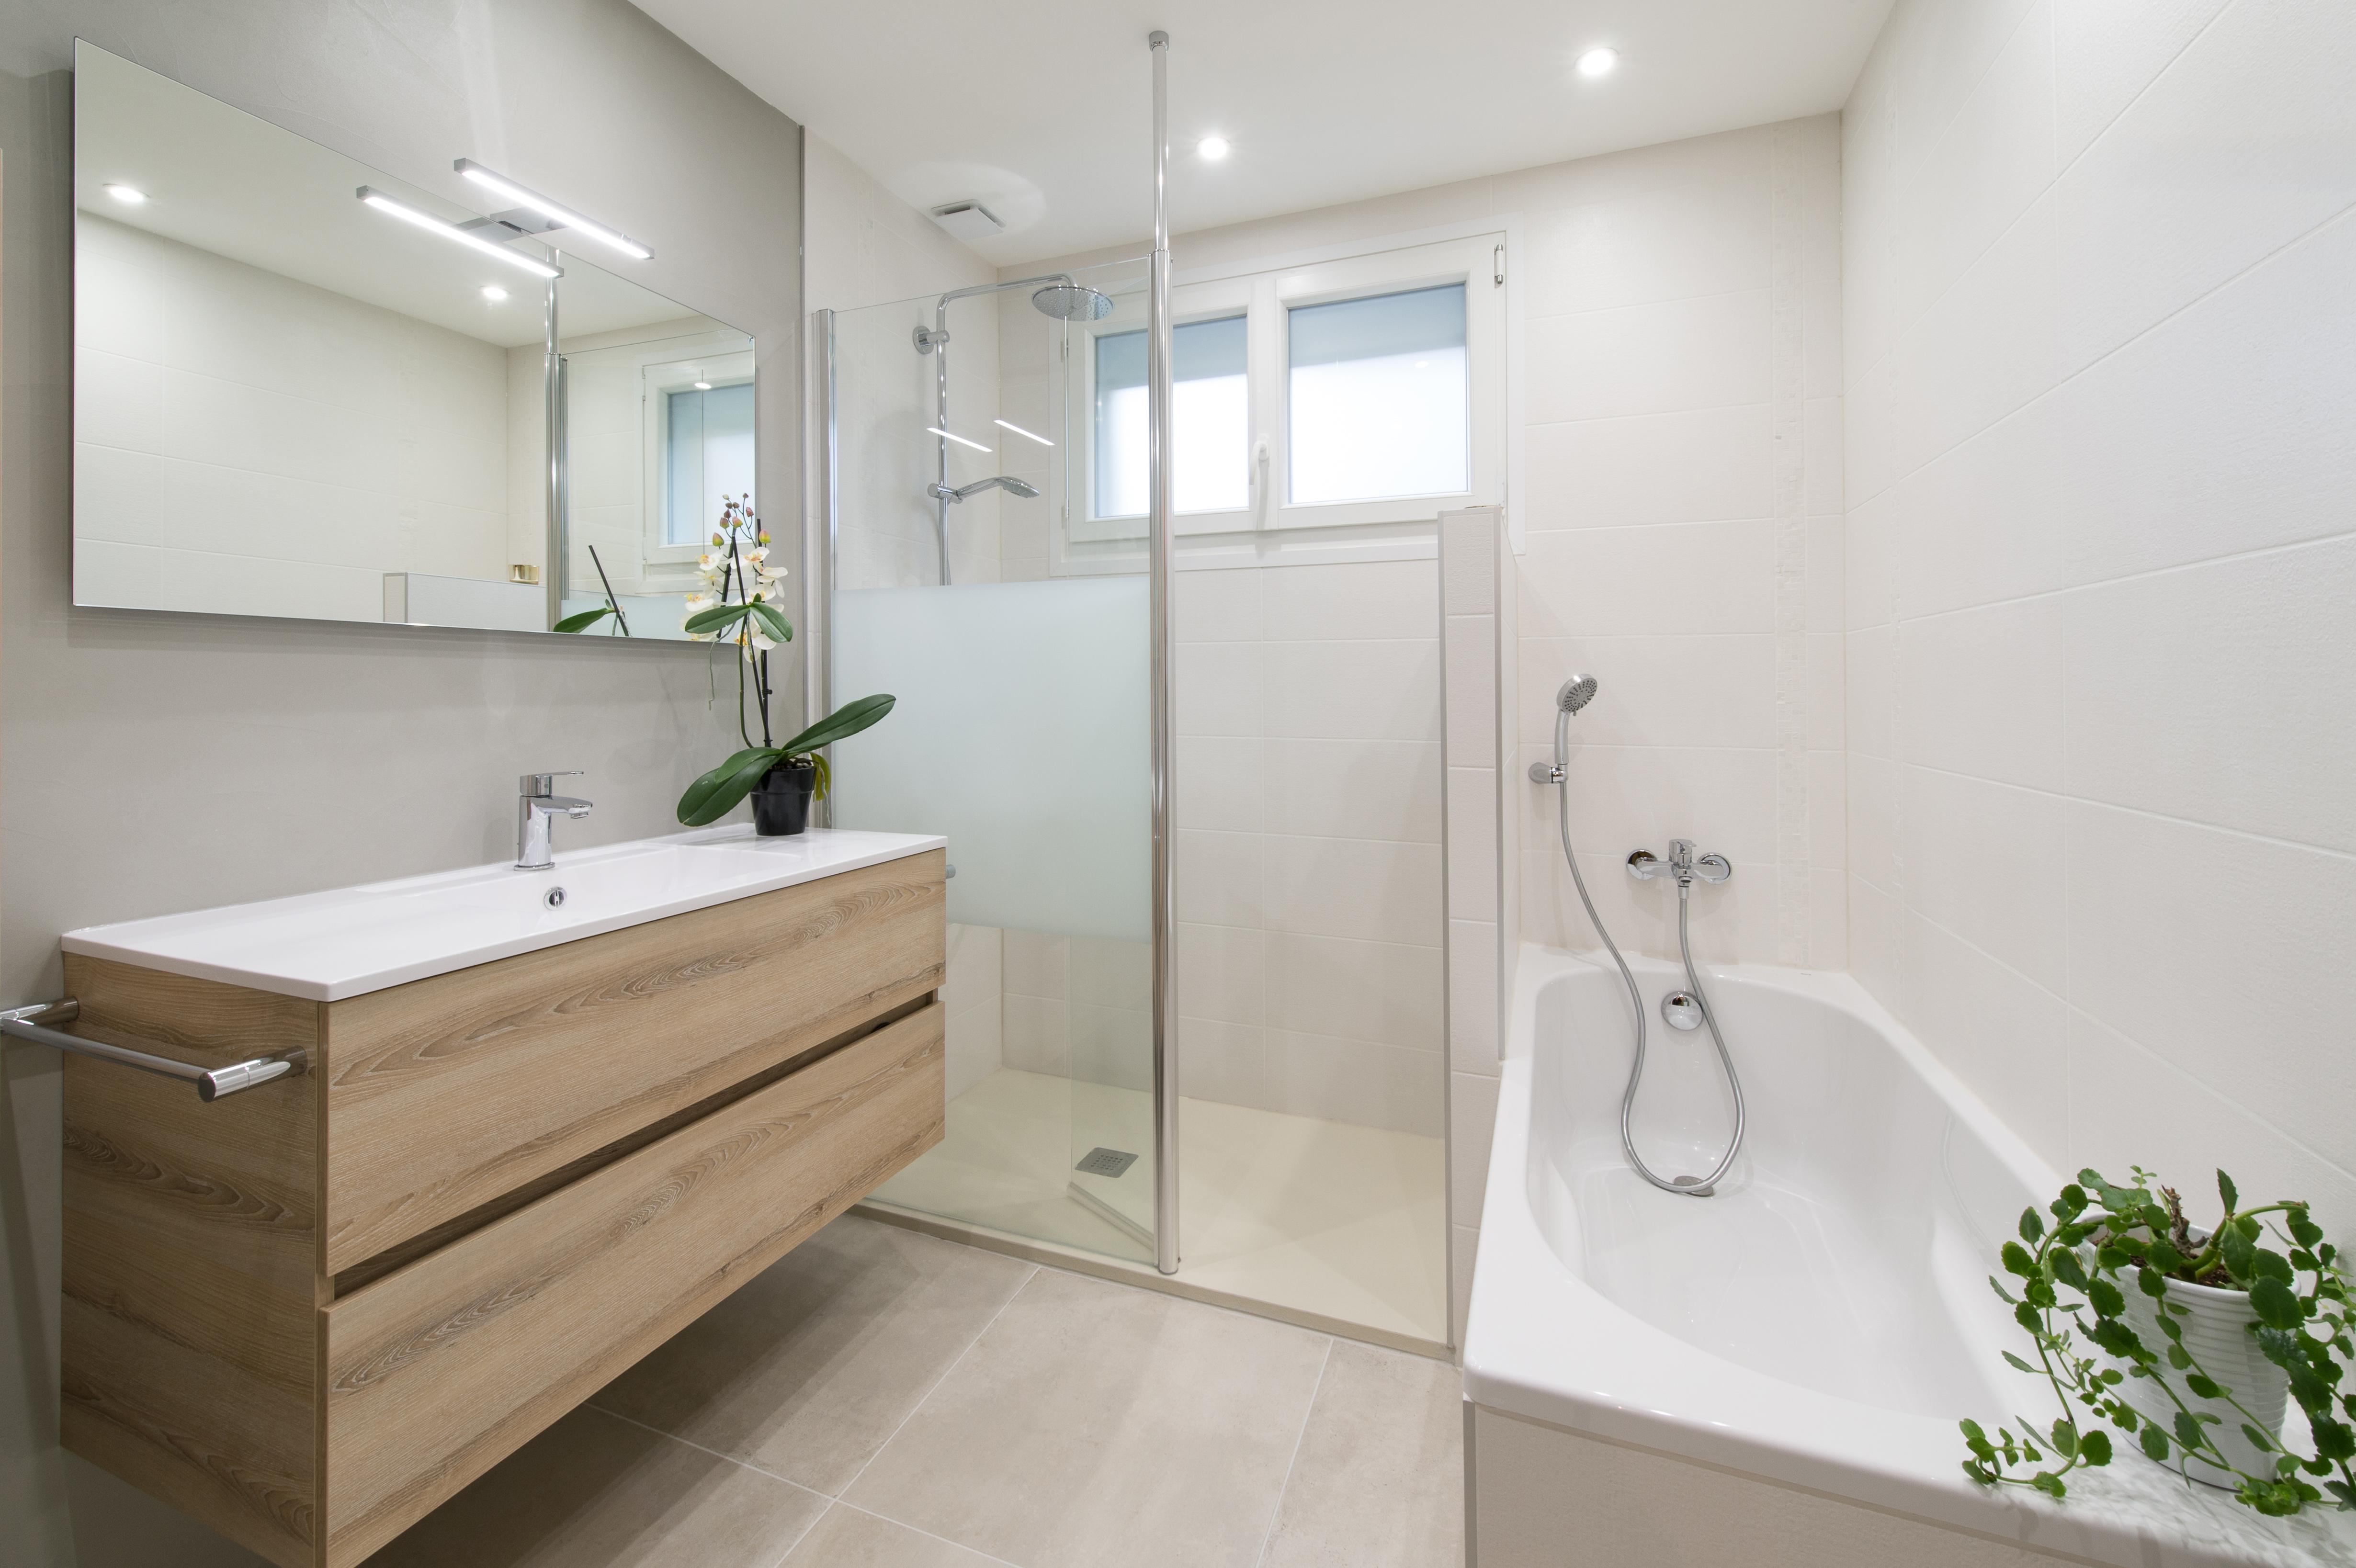 Salle de bains douche et baignoire for Baignoire et douche ensemble